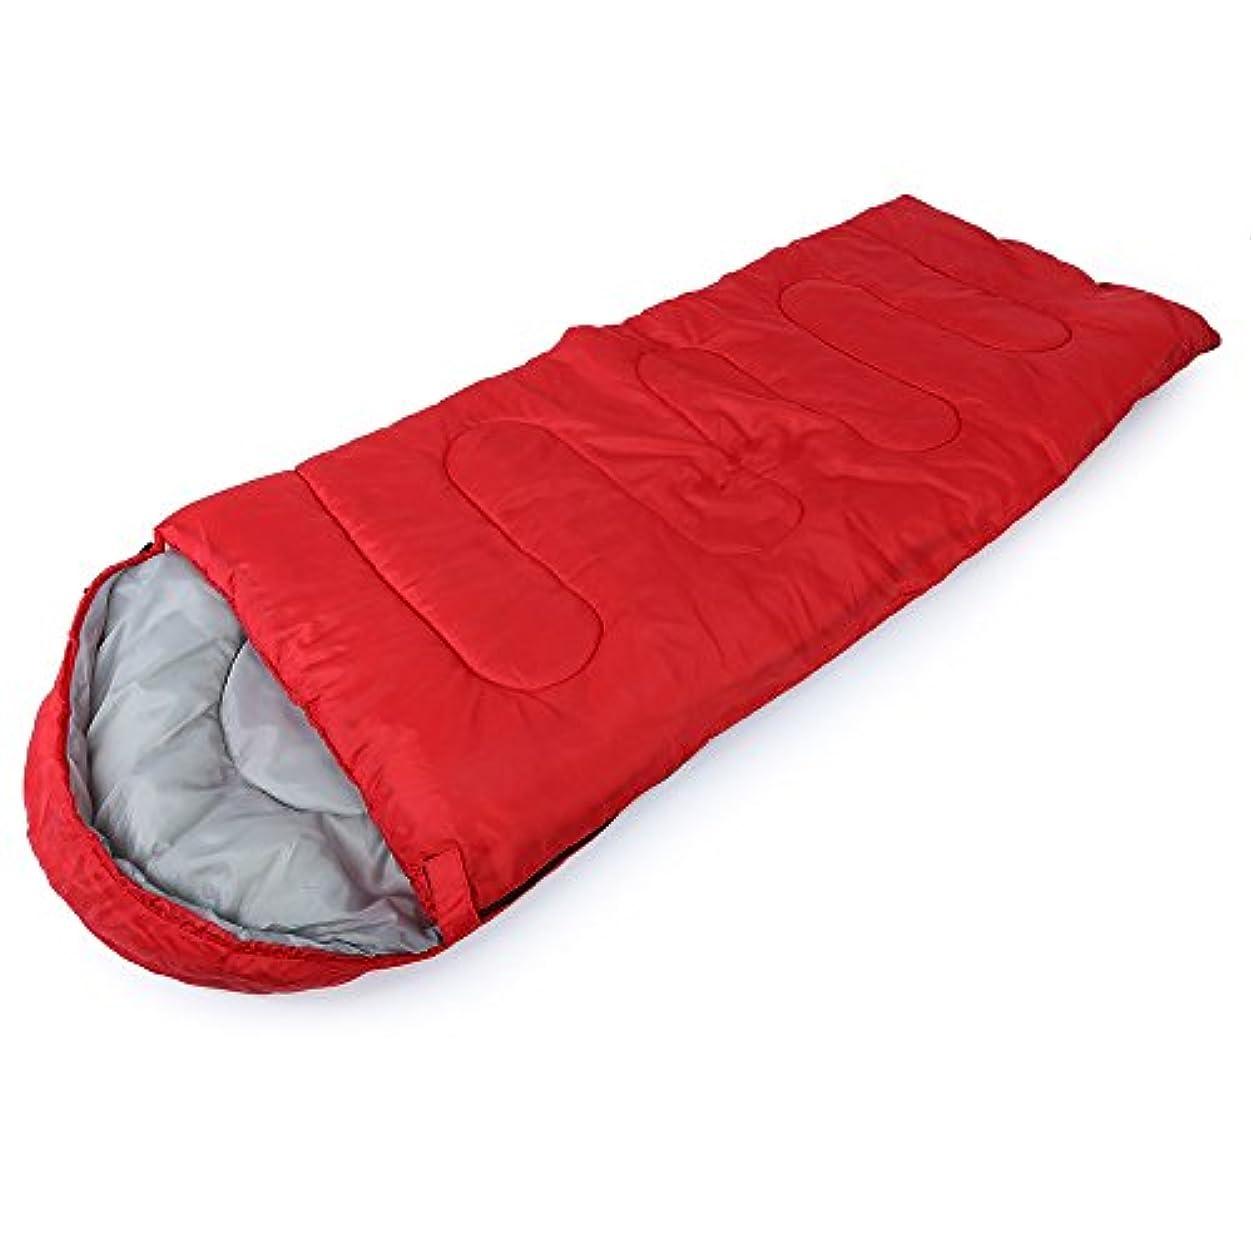 花輪脅威ワゴンアウトドアキャンプエンベロープスタイルフード付きの薄い中空コットン寝袋